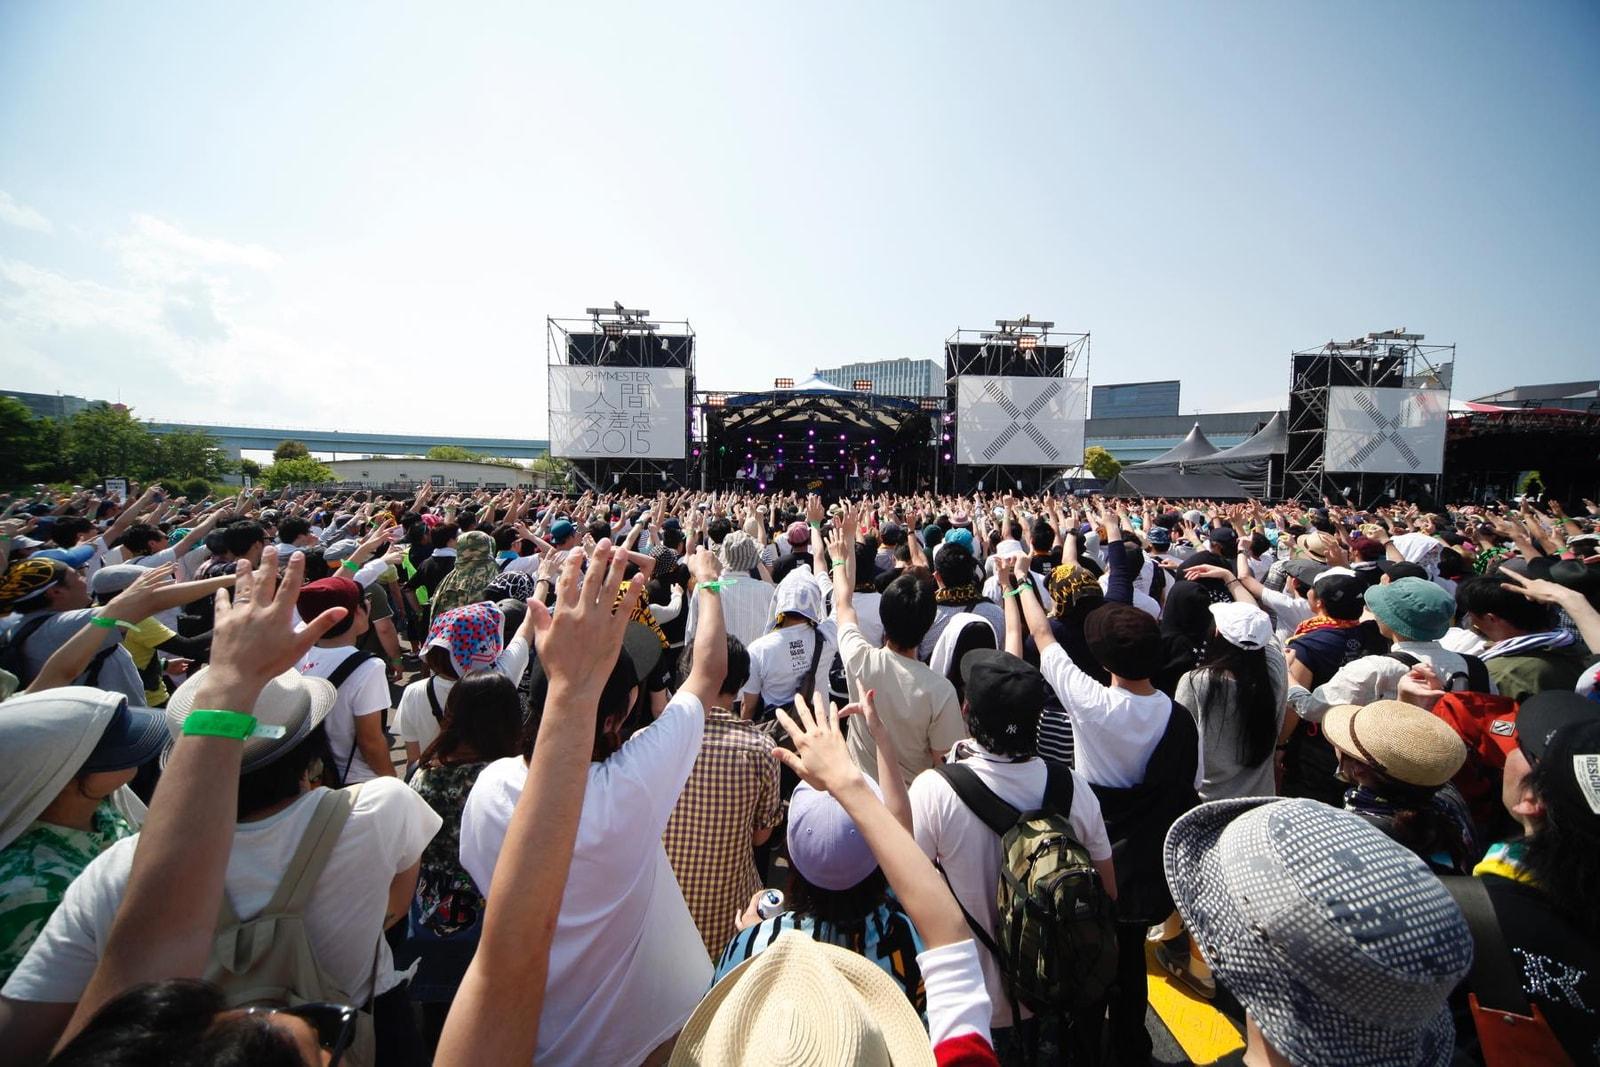 2019年開催の注目の夏フェスリスト Rainbow Disco Club   JAPAN JAM  EDC Japan 人間交差点   GREENROOM FESTIVAL   森、道、市場   FFKT    THE CAMP BOOK  DEAD POP FESTiVAL  京都大作戦  CORONA SUNSETS FESTIVAL  FUJI ROCK FESTIVAL   ROCK IN JAPAN FESTIVAL    SUMMER SONIC   SPACE SHOWER SWEET LOVE SHOWER りんご音楽祭